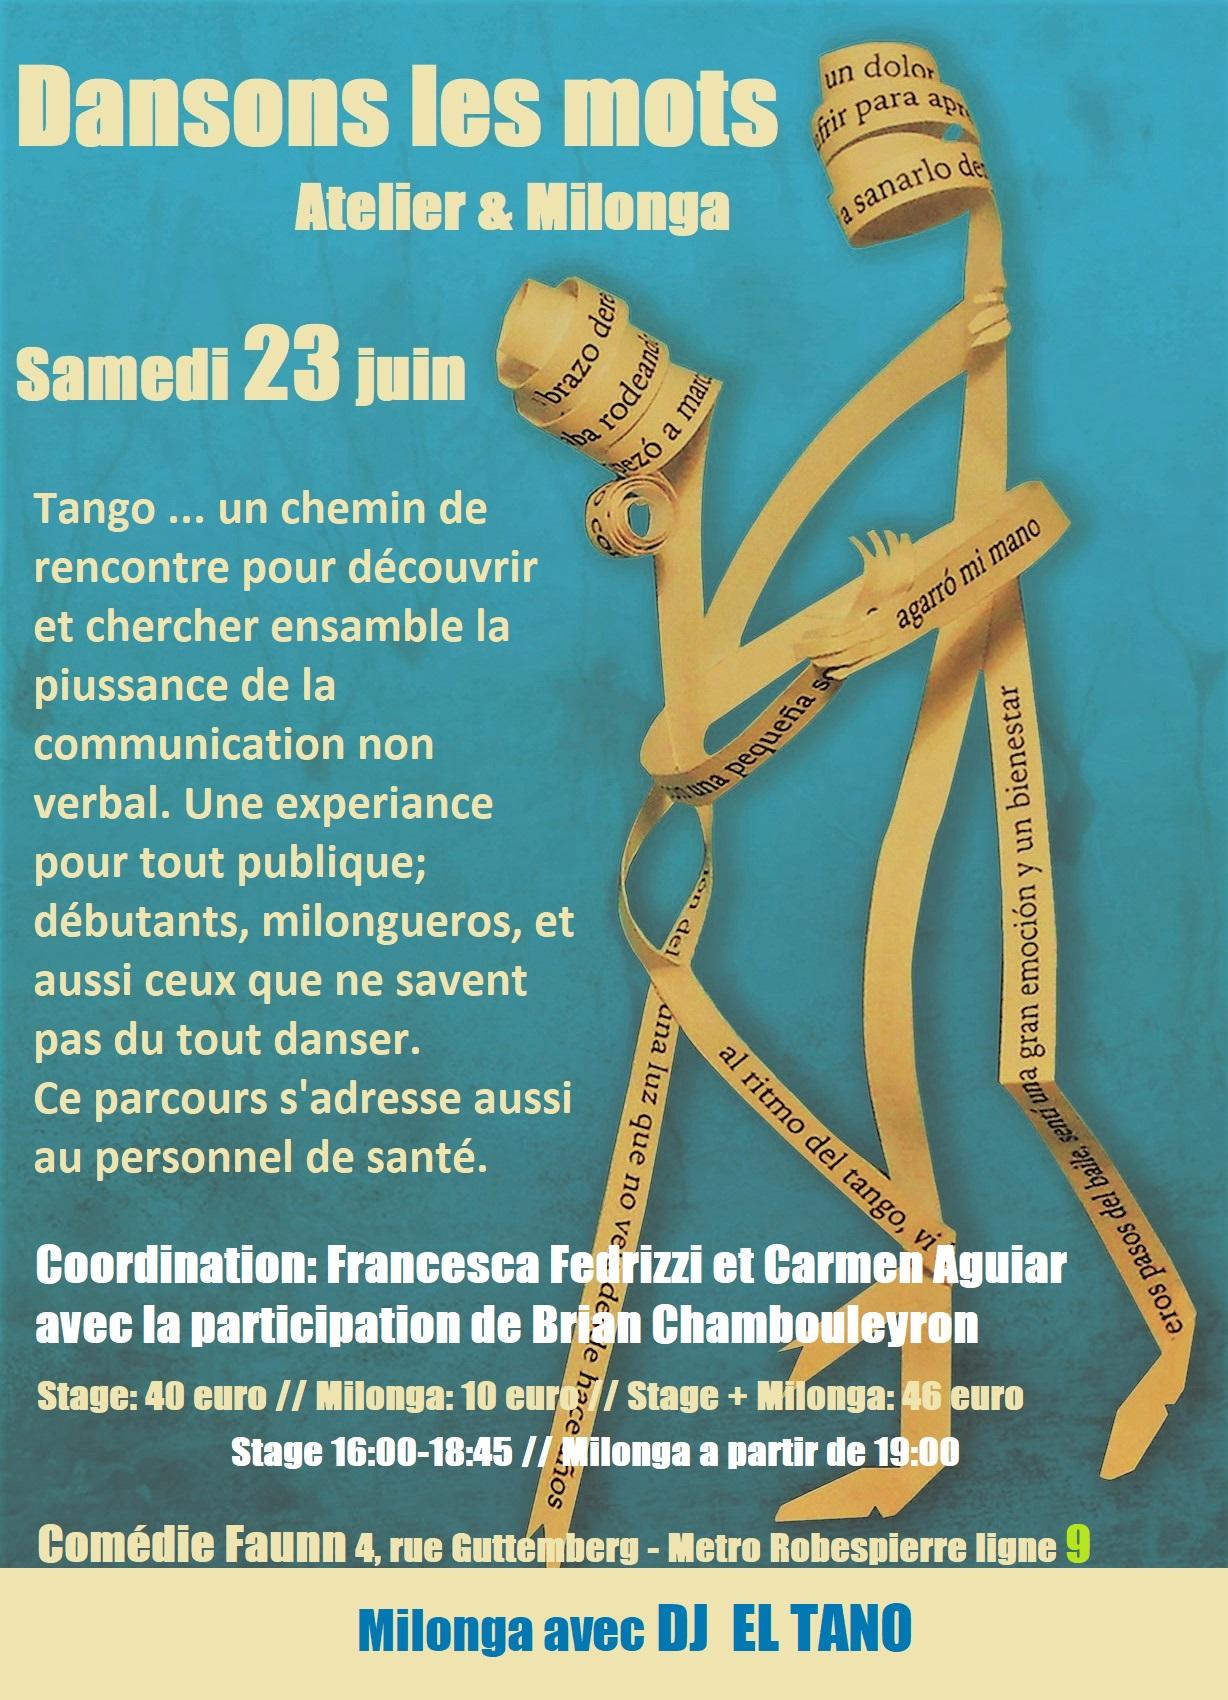 Le 23 juin : Stage de tango et thérapie puis milonga à l'espace Faun